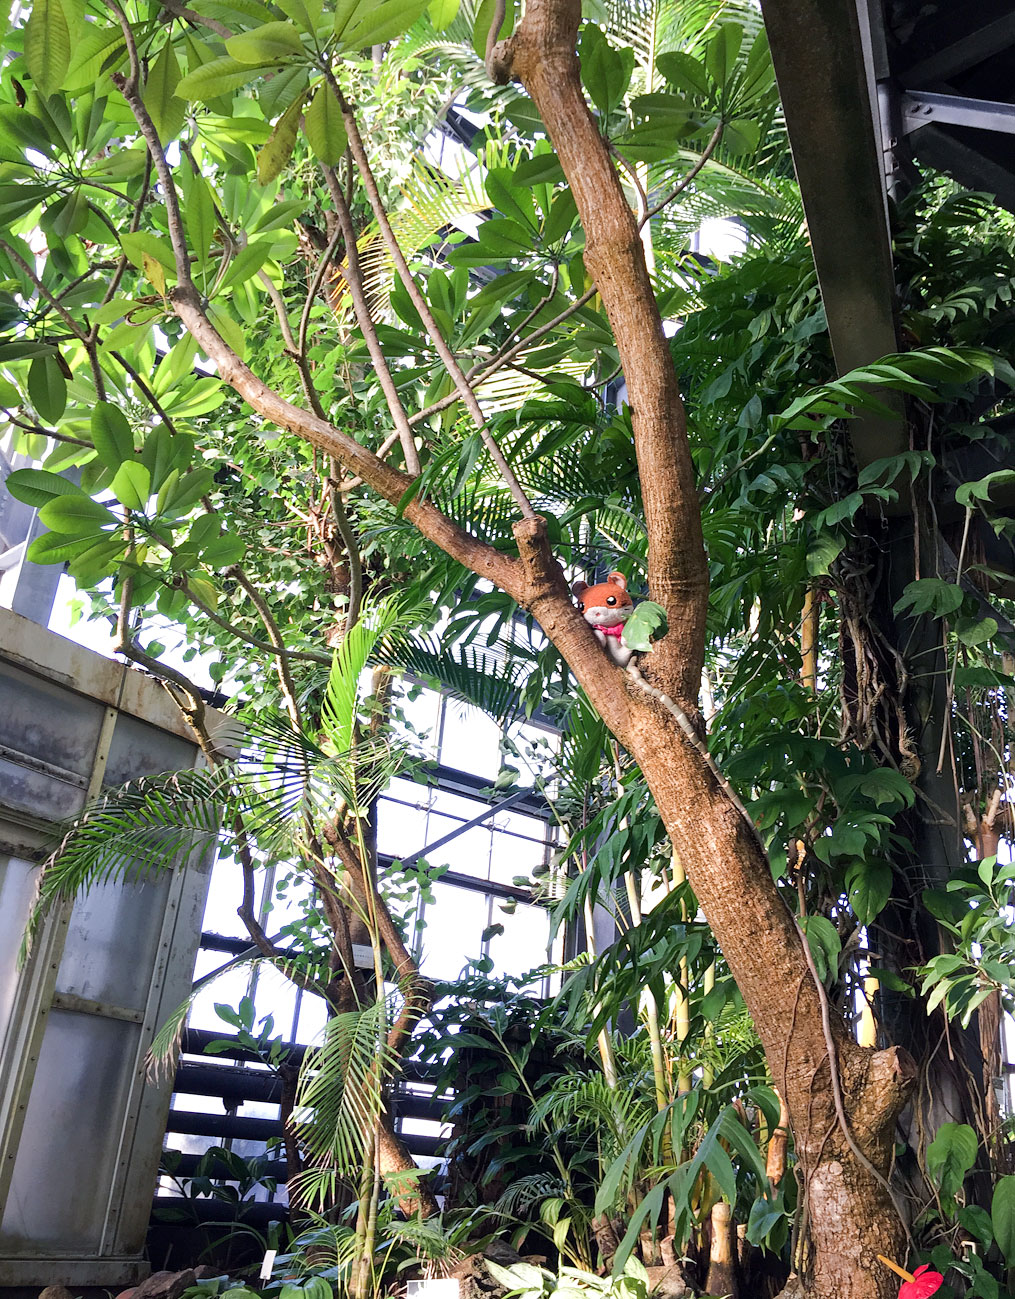 アロハガーデンたてやまの植物園がインハンドの紐倉研究所の撮影ロケ地